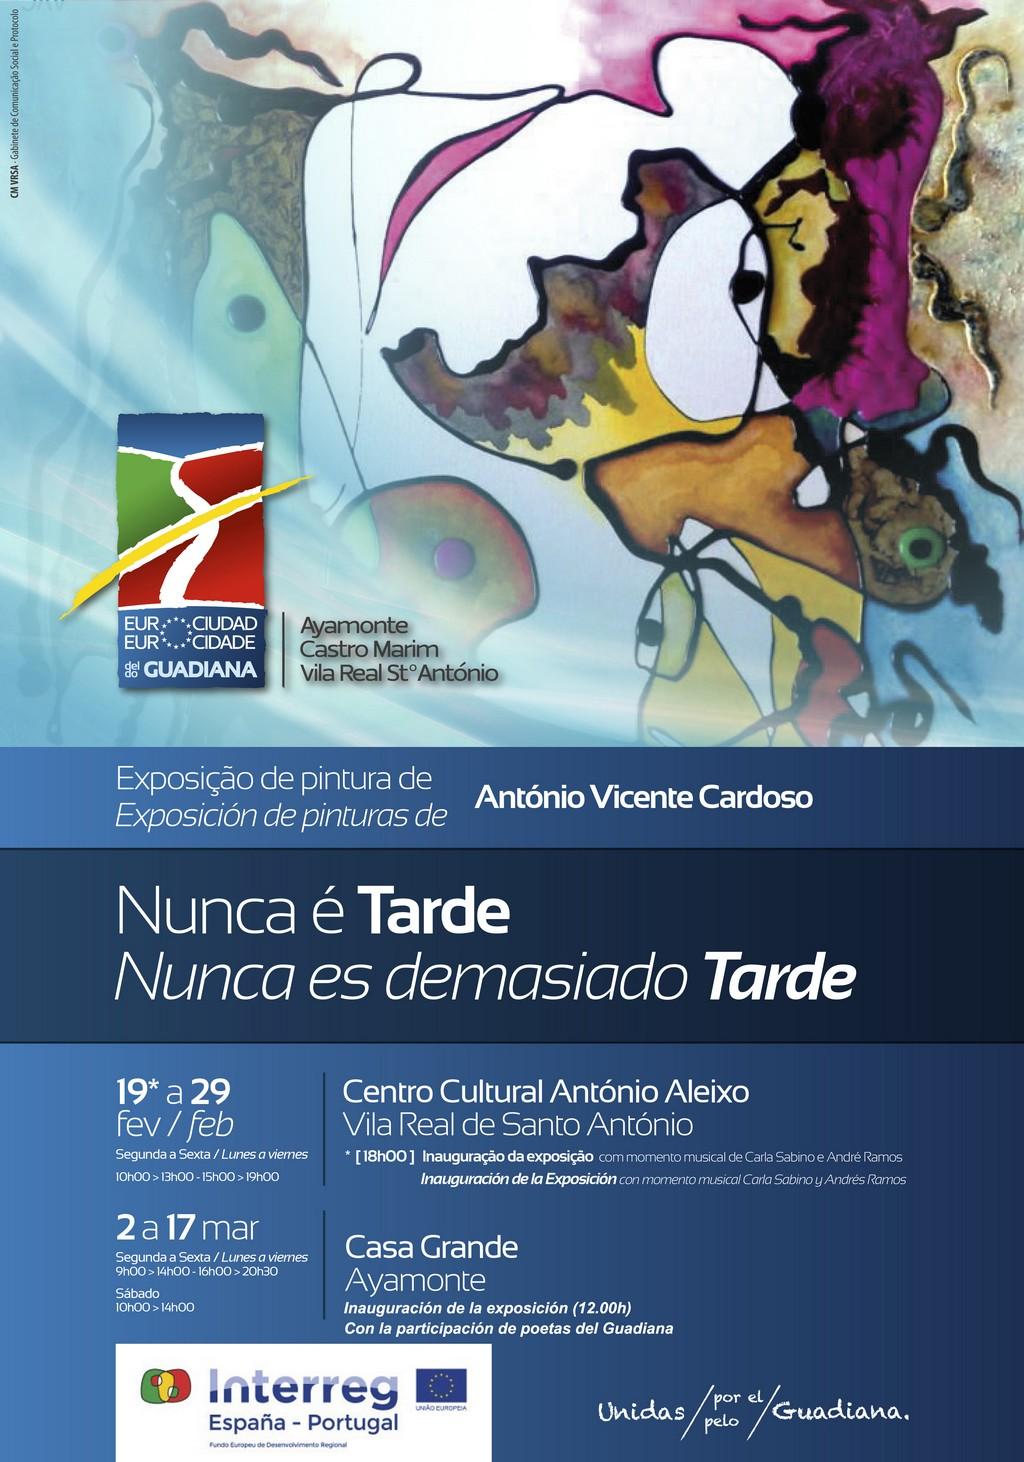 Exposición de pinturas de António Vicente Cardoso